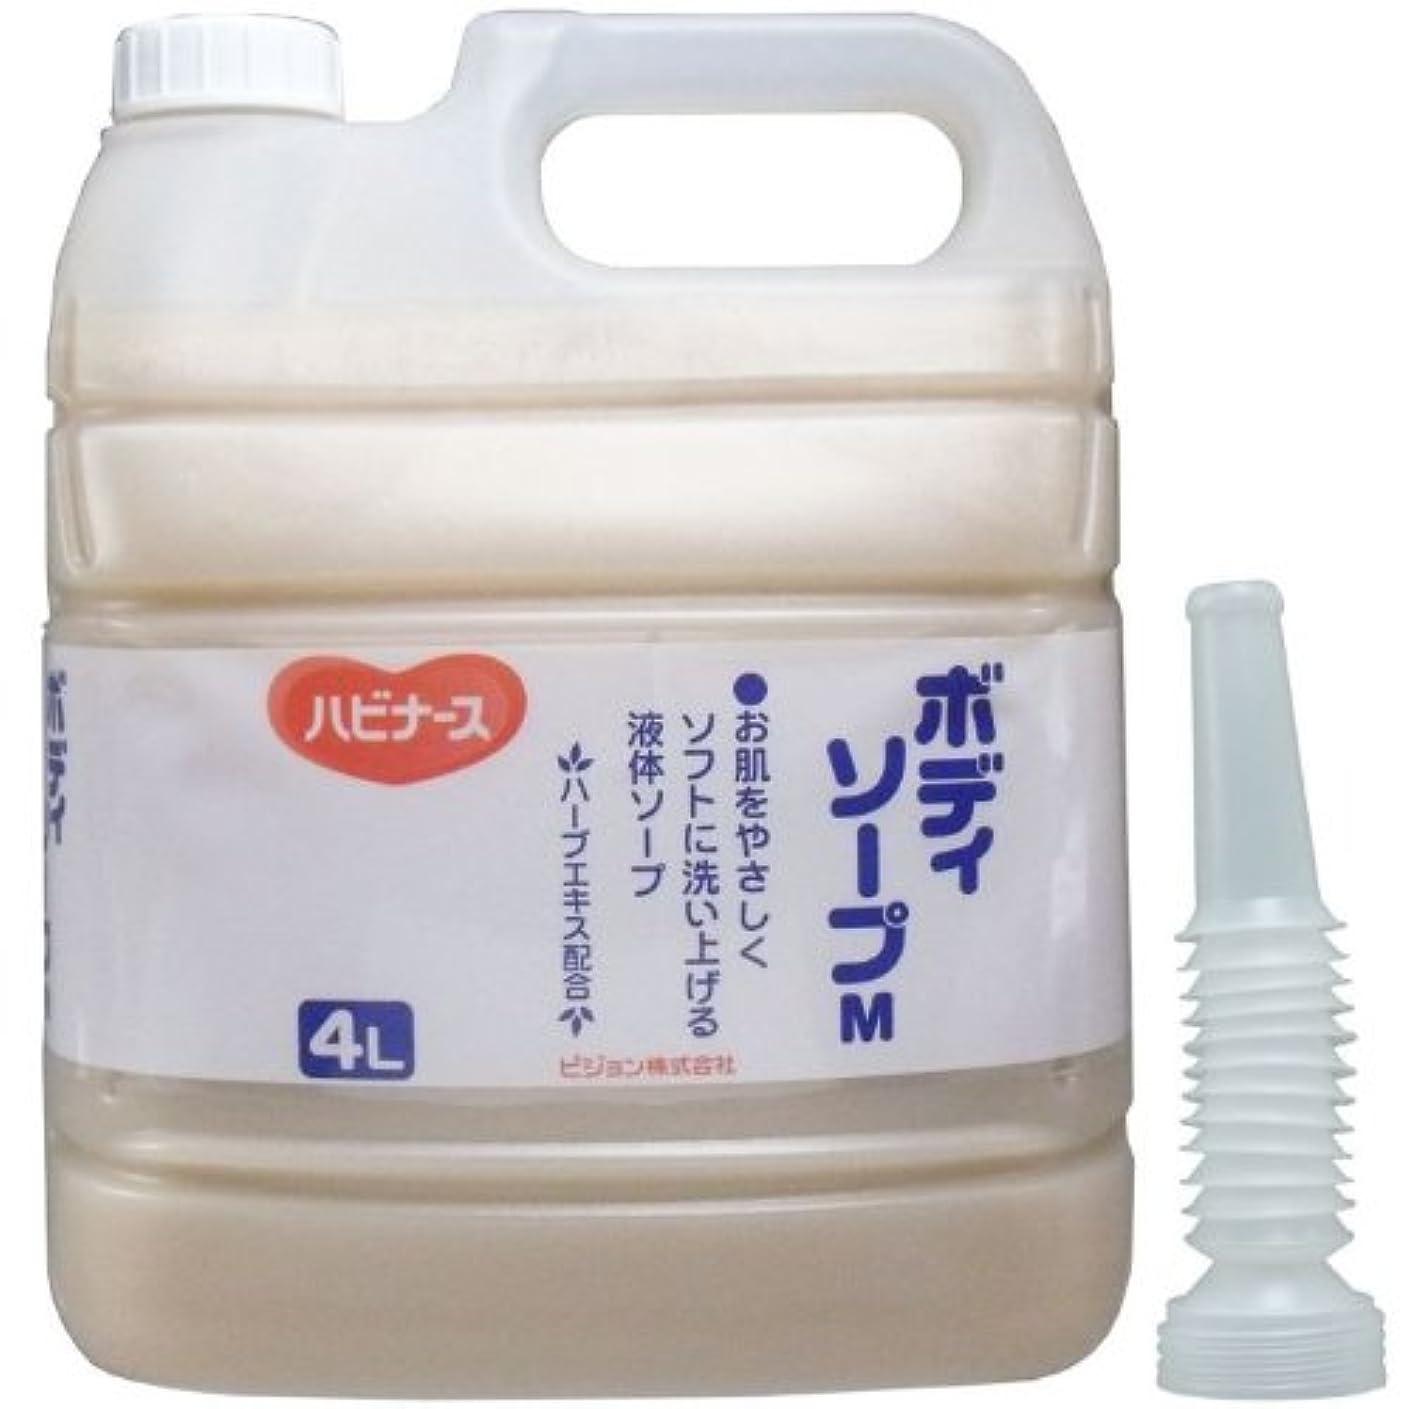 姓穀物少なくとも液体ソープ ボディソープ 風呂 石ケン お肌をやさしくソフトに洗い上げる!業務用 4L【4個セット】